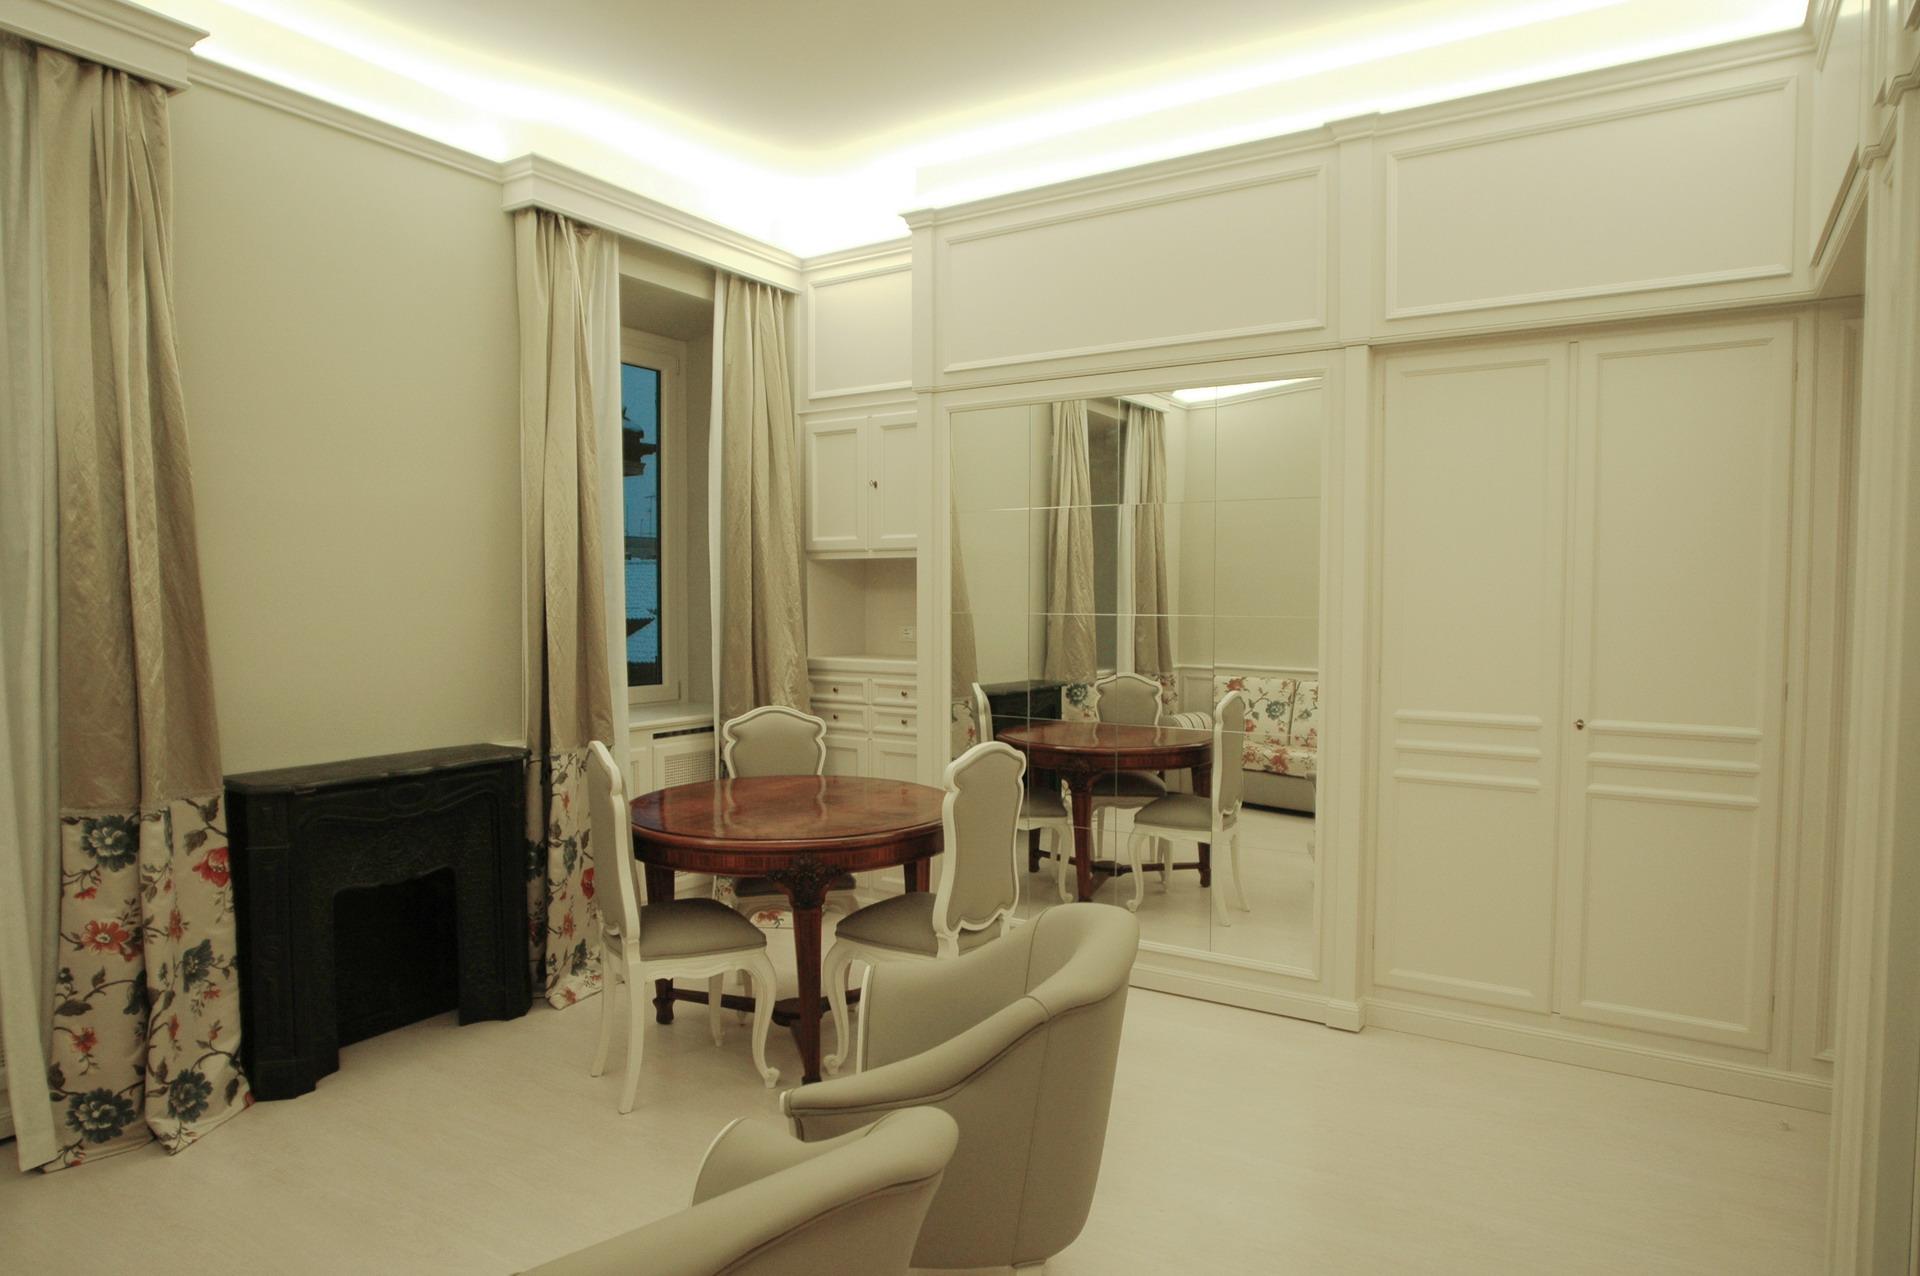 Mobili Per Studio.Studio Flat In The Historic Center Of Turin Mobili Ferrero